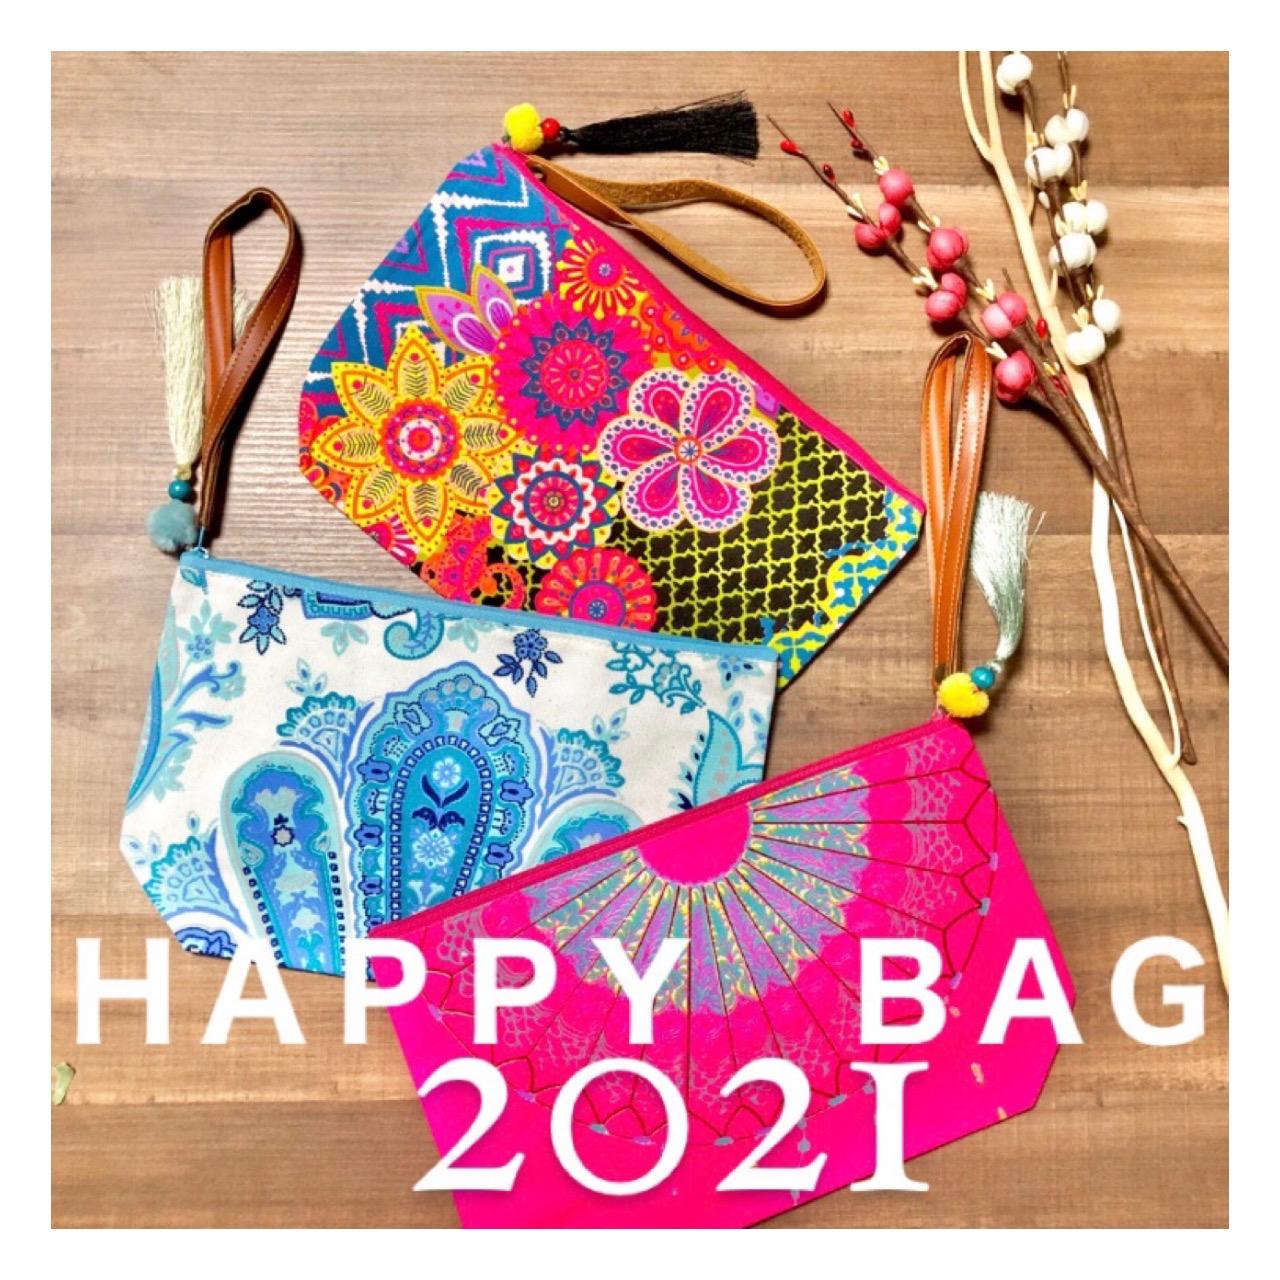 販売終了しました←HAPPY BAG 2021 販売中❤️